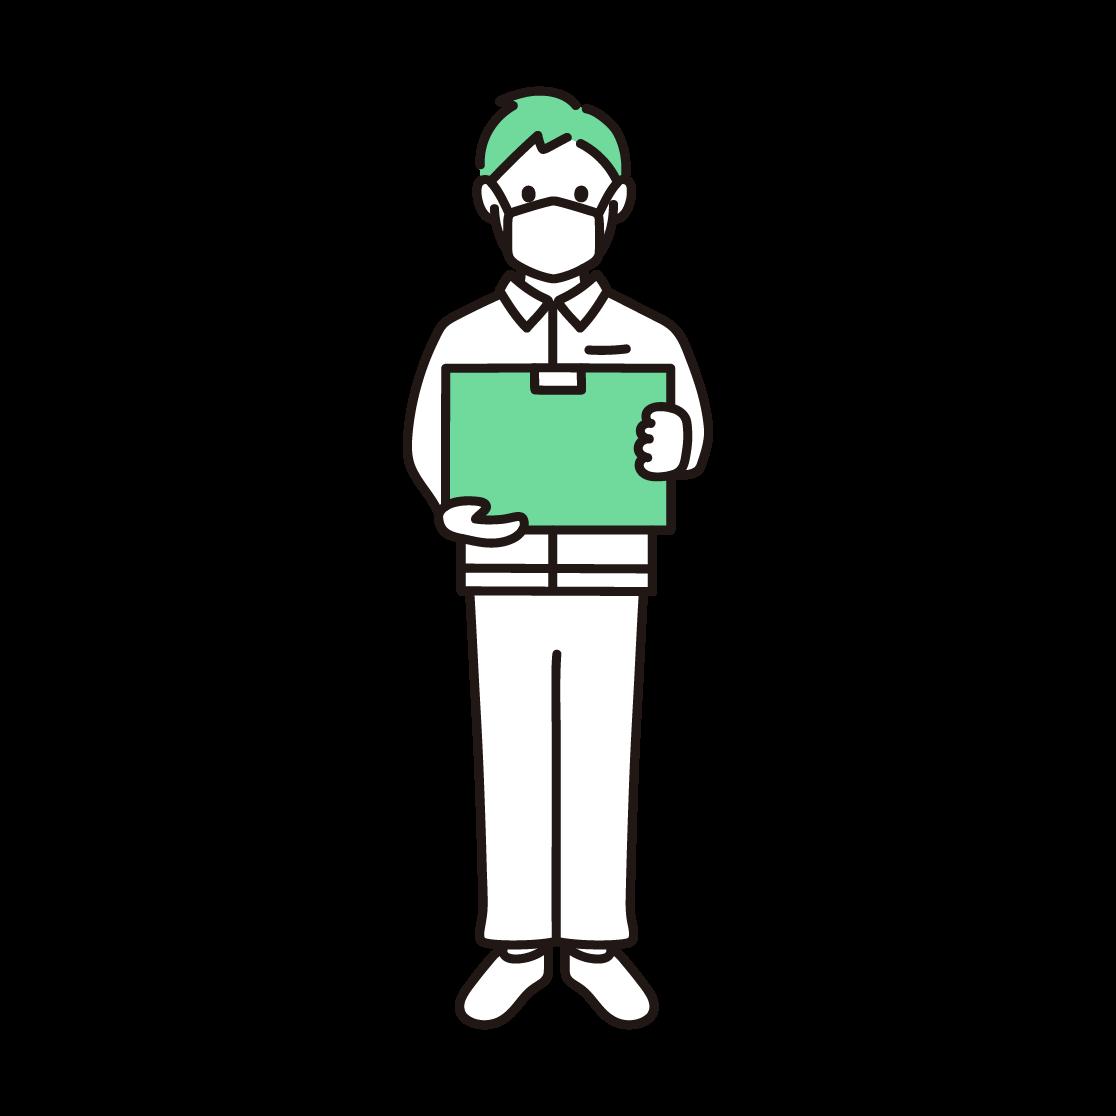 マスクを付けた男性の配達員の単色イラスト